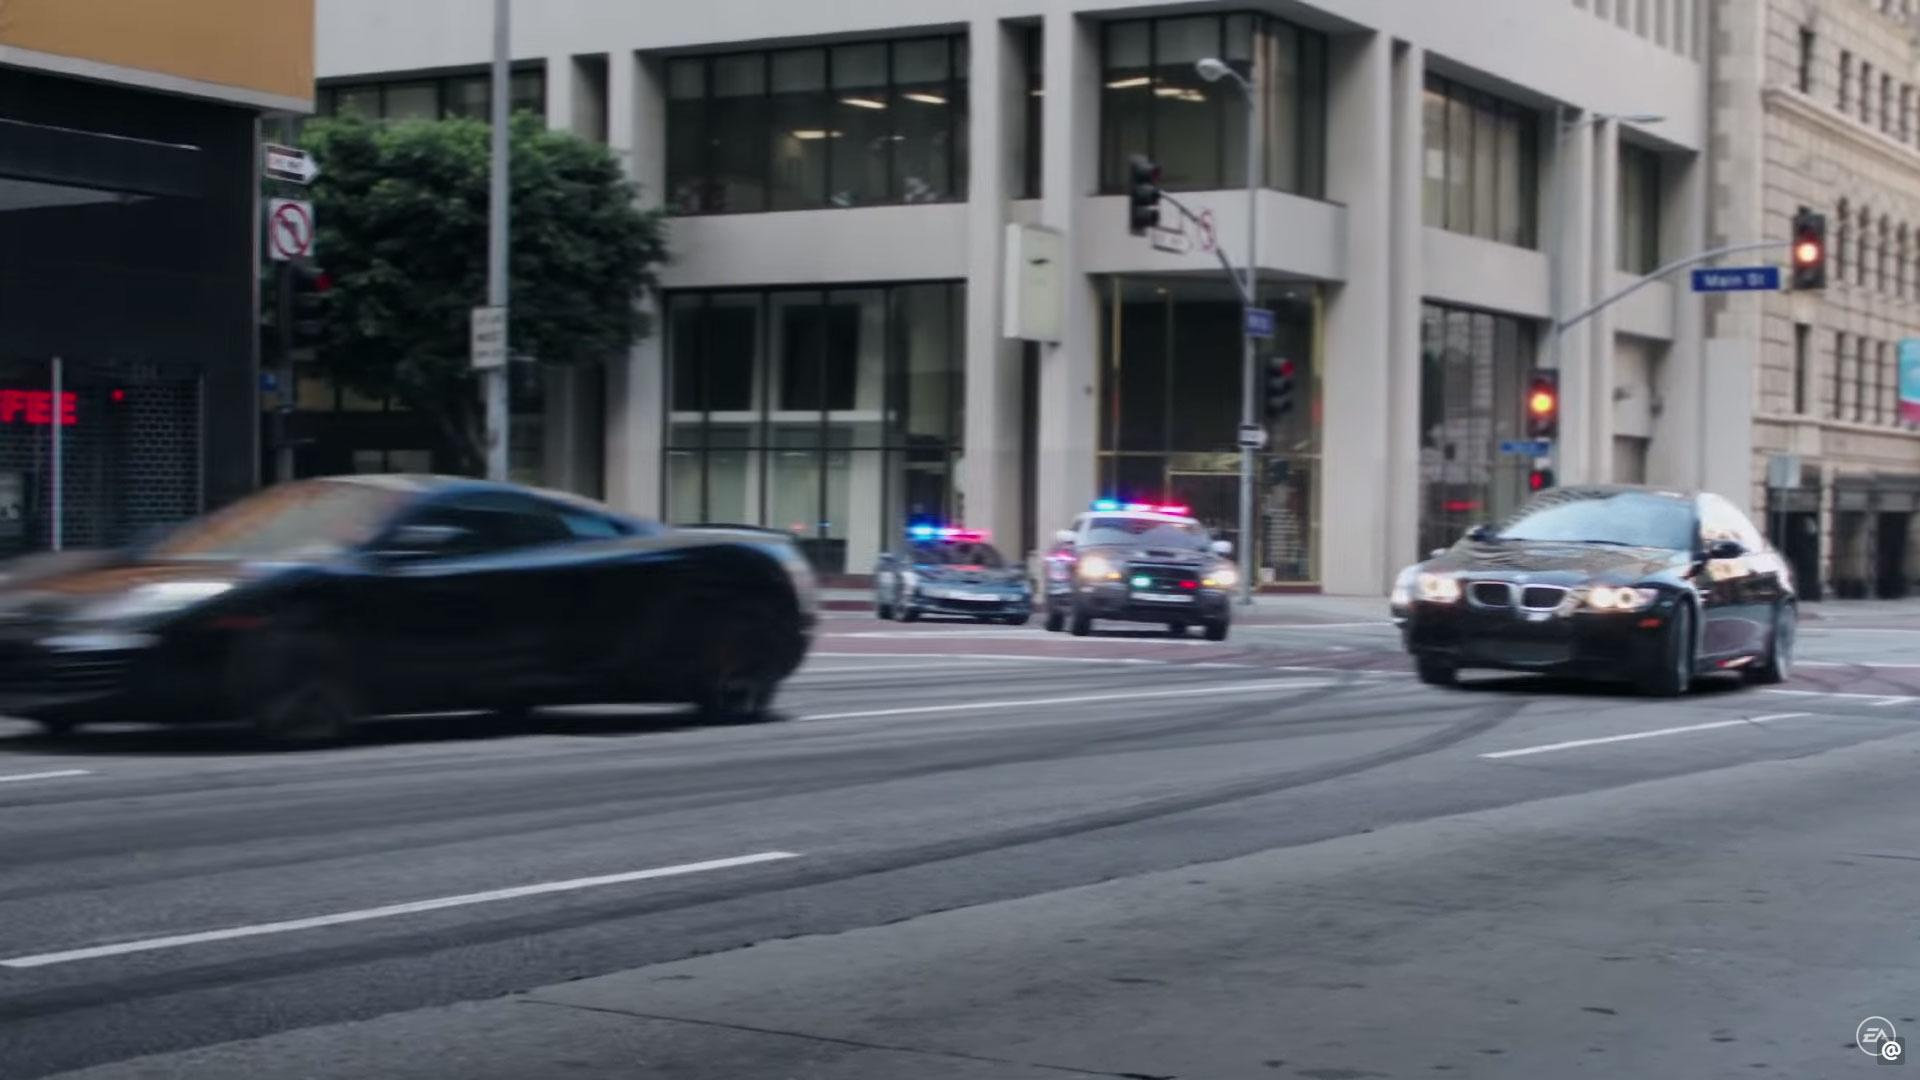 Politie Amerika straatrace achtervolging